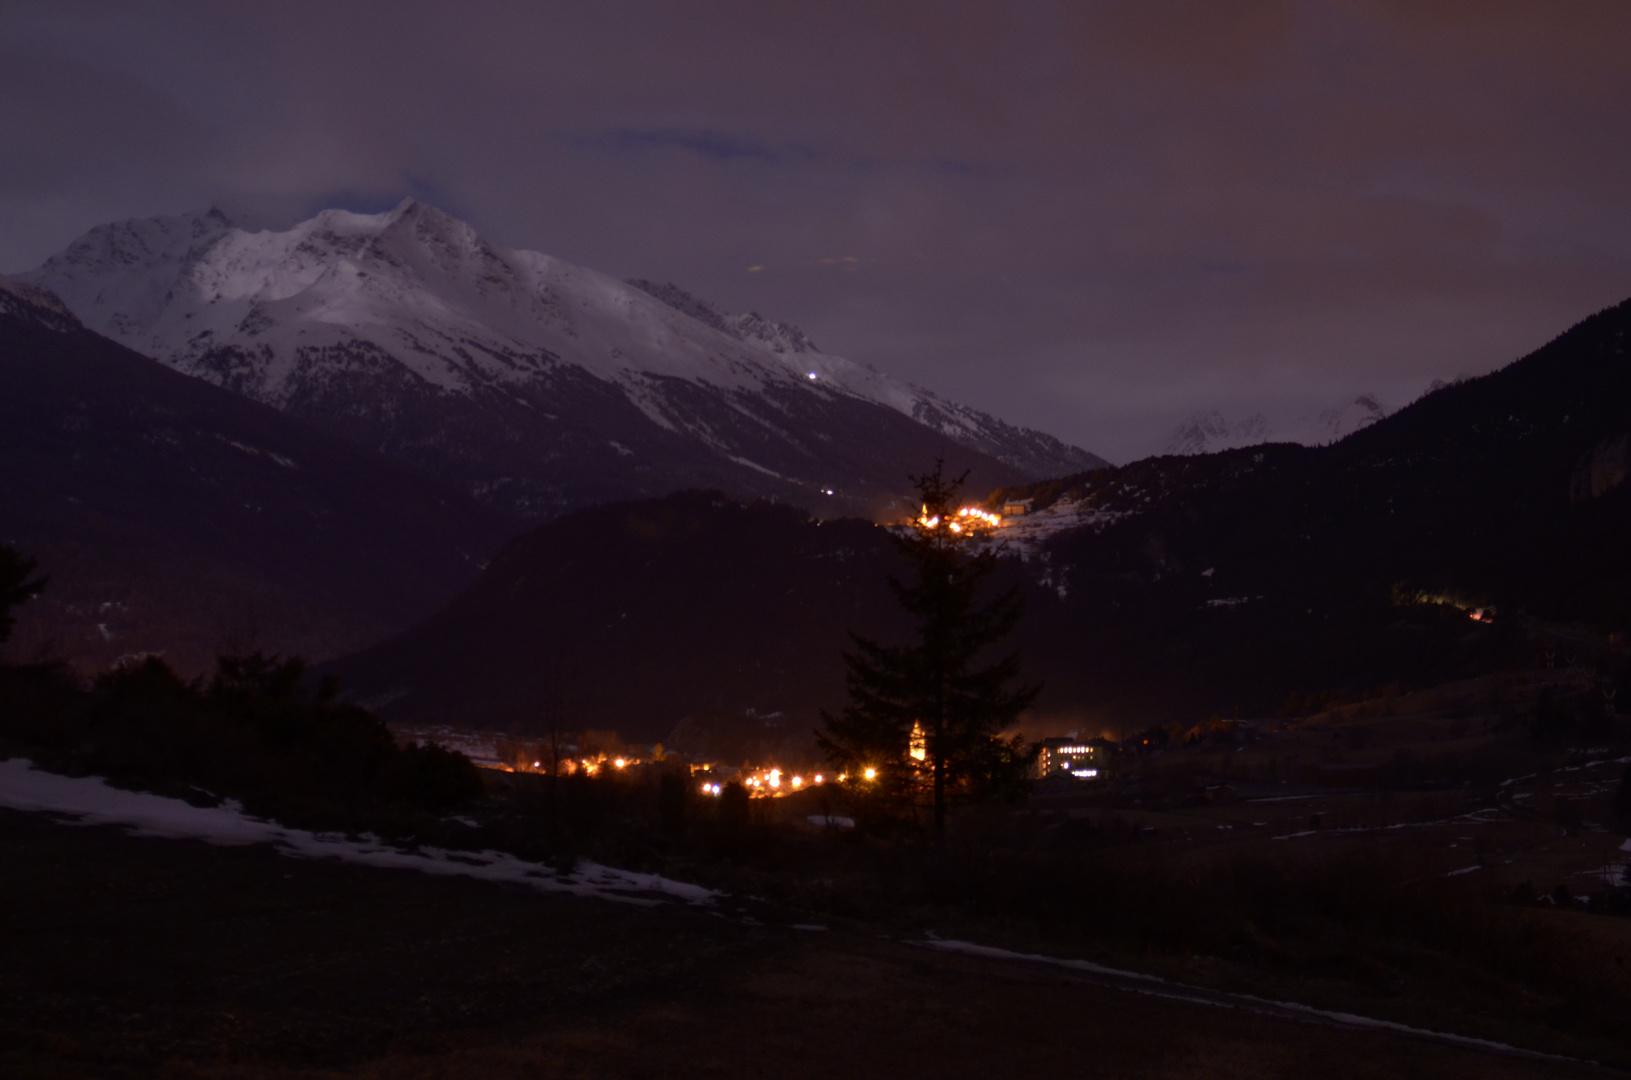 photo d'un village de nuit en montagne a cote de termignion (savoie)